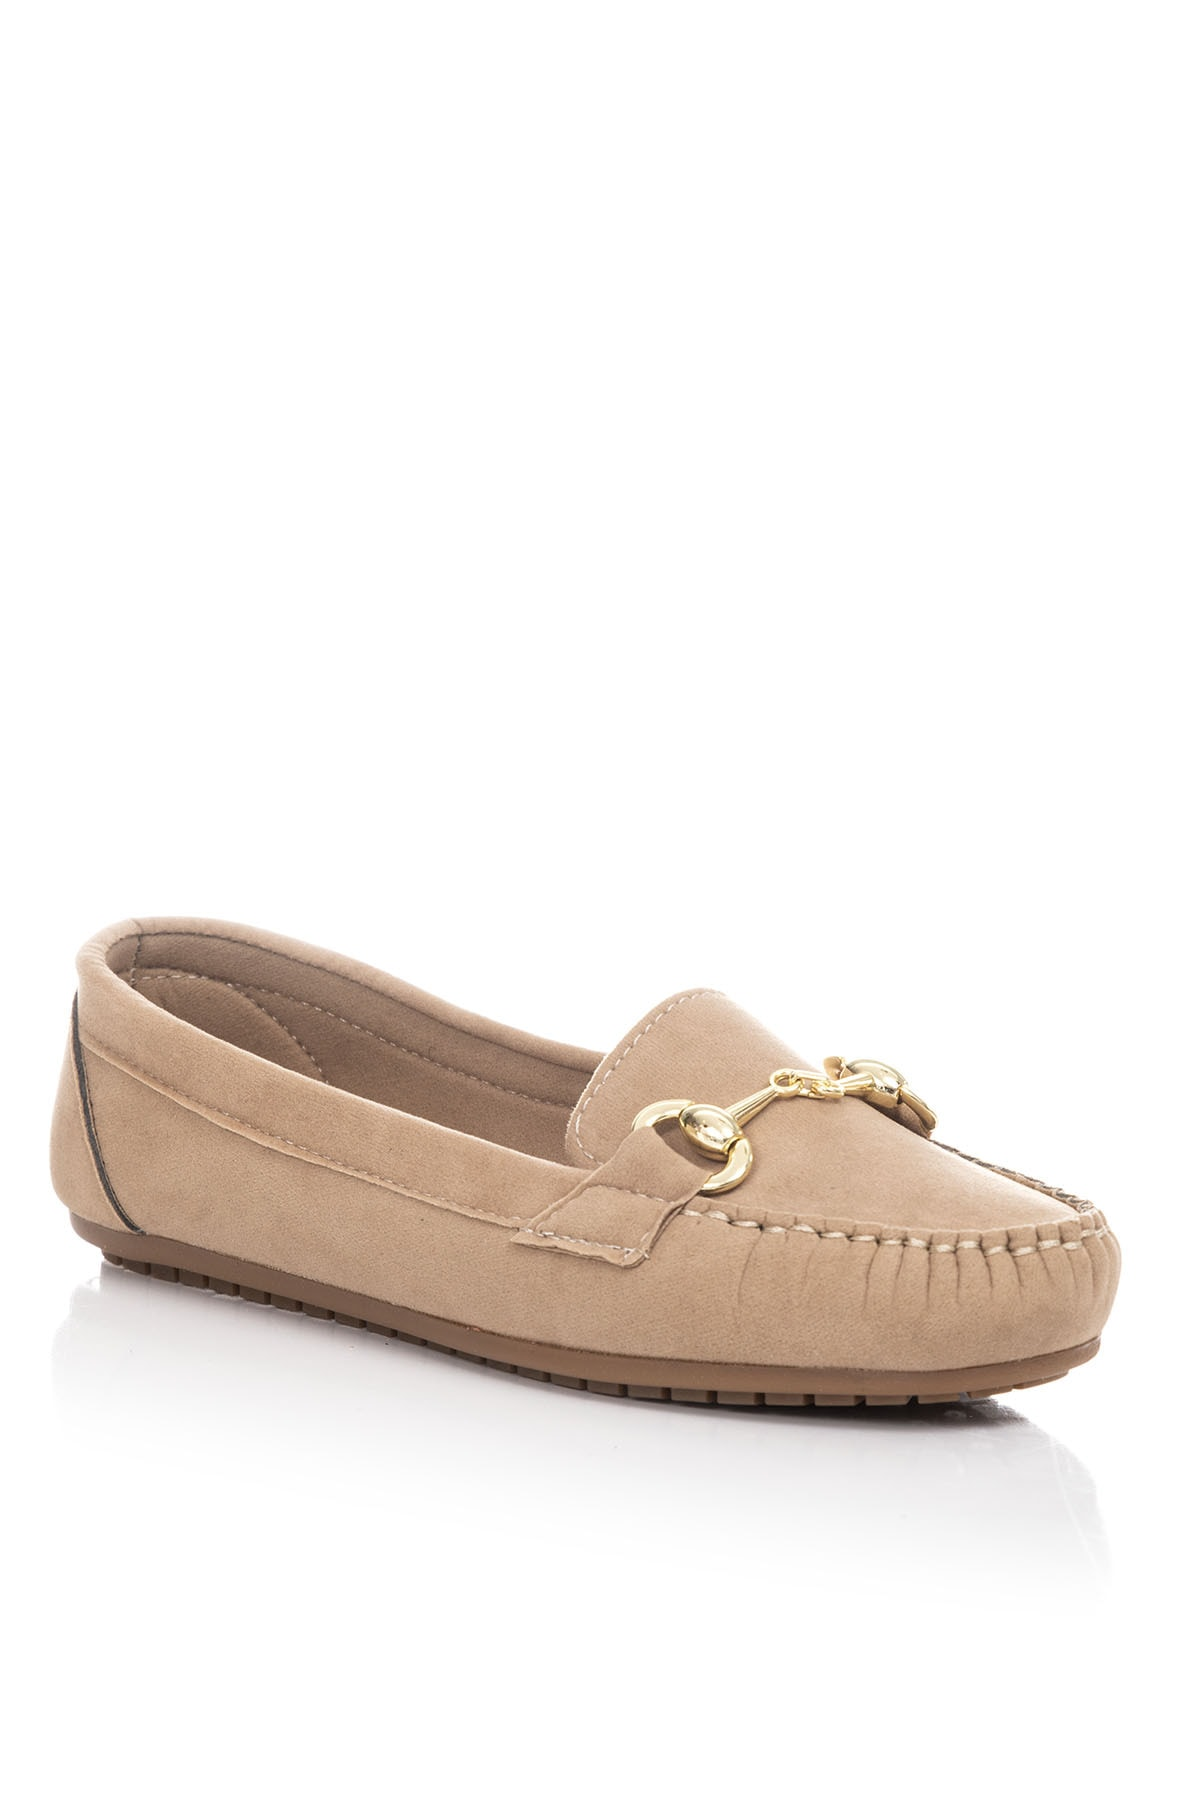 Tonny Black Sarı Süet Kadın Loafer Ayakkabı TB1200-1 2